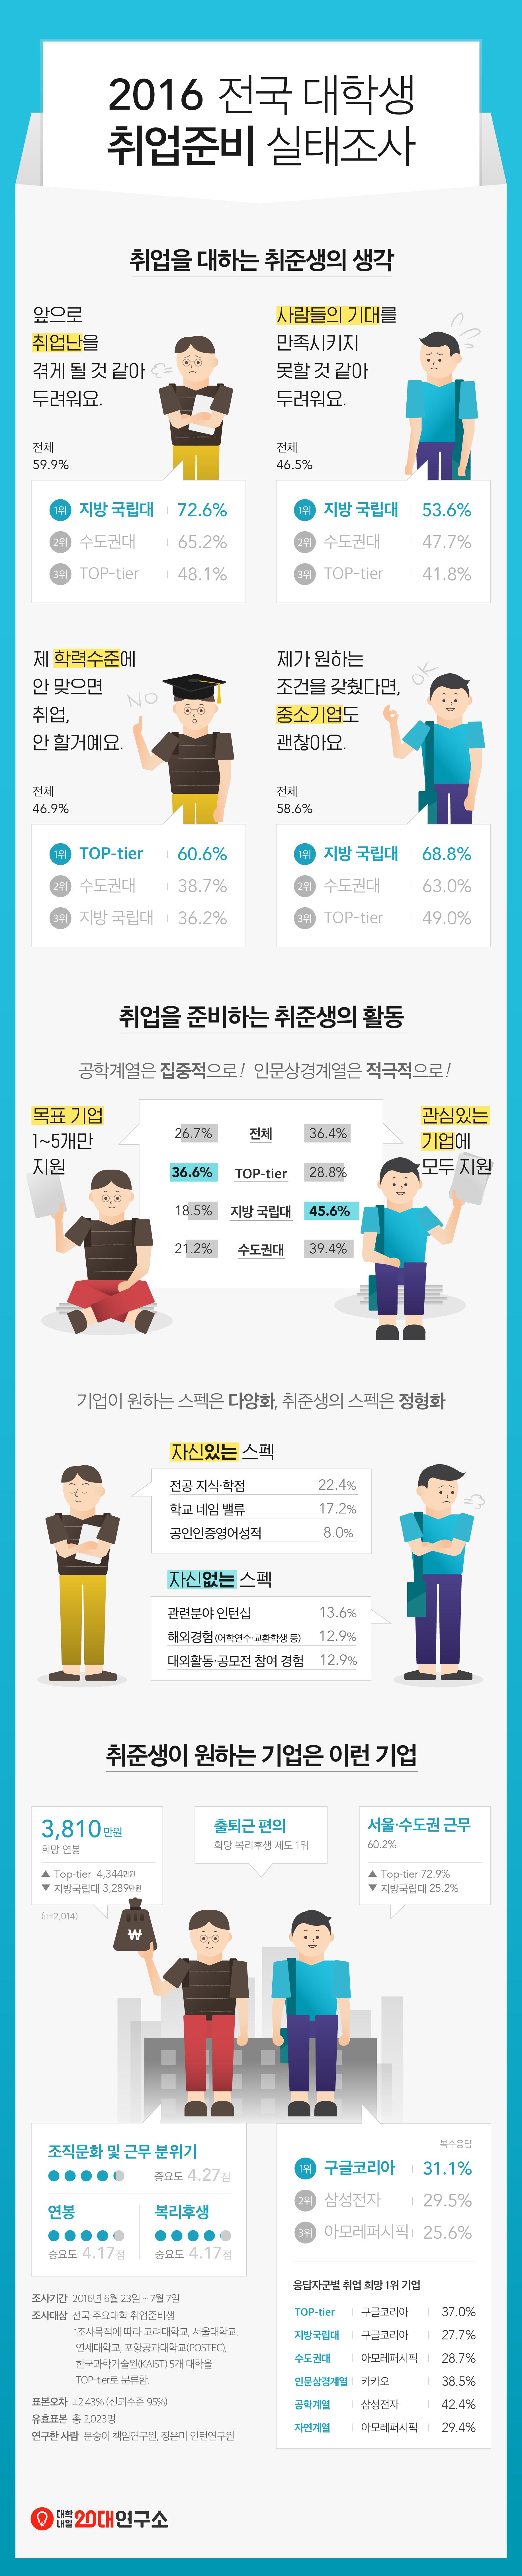 인포그래픽_2016전국대학생취업준비실태조사_160727